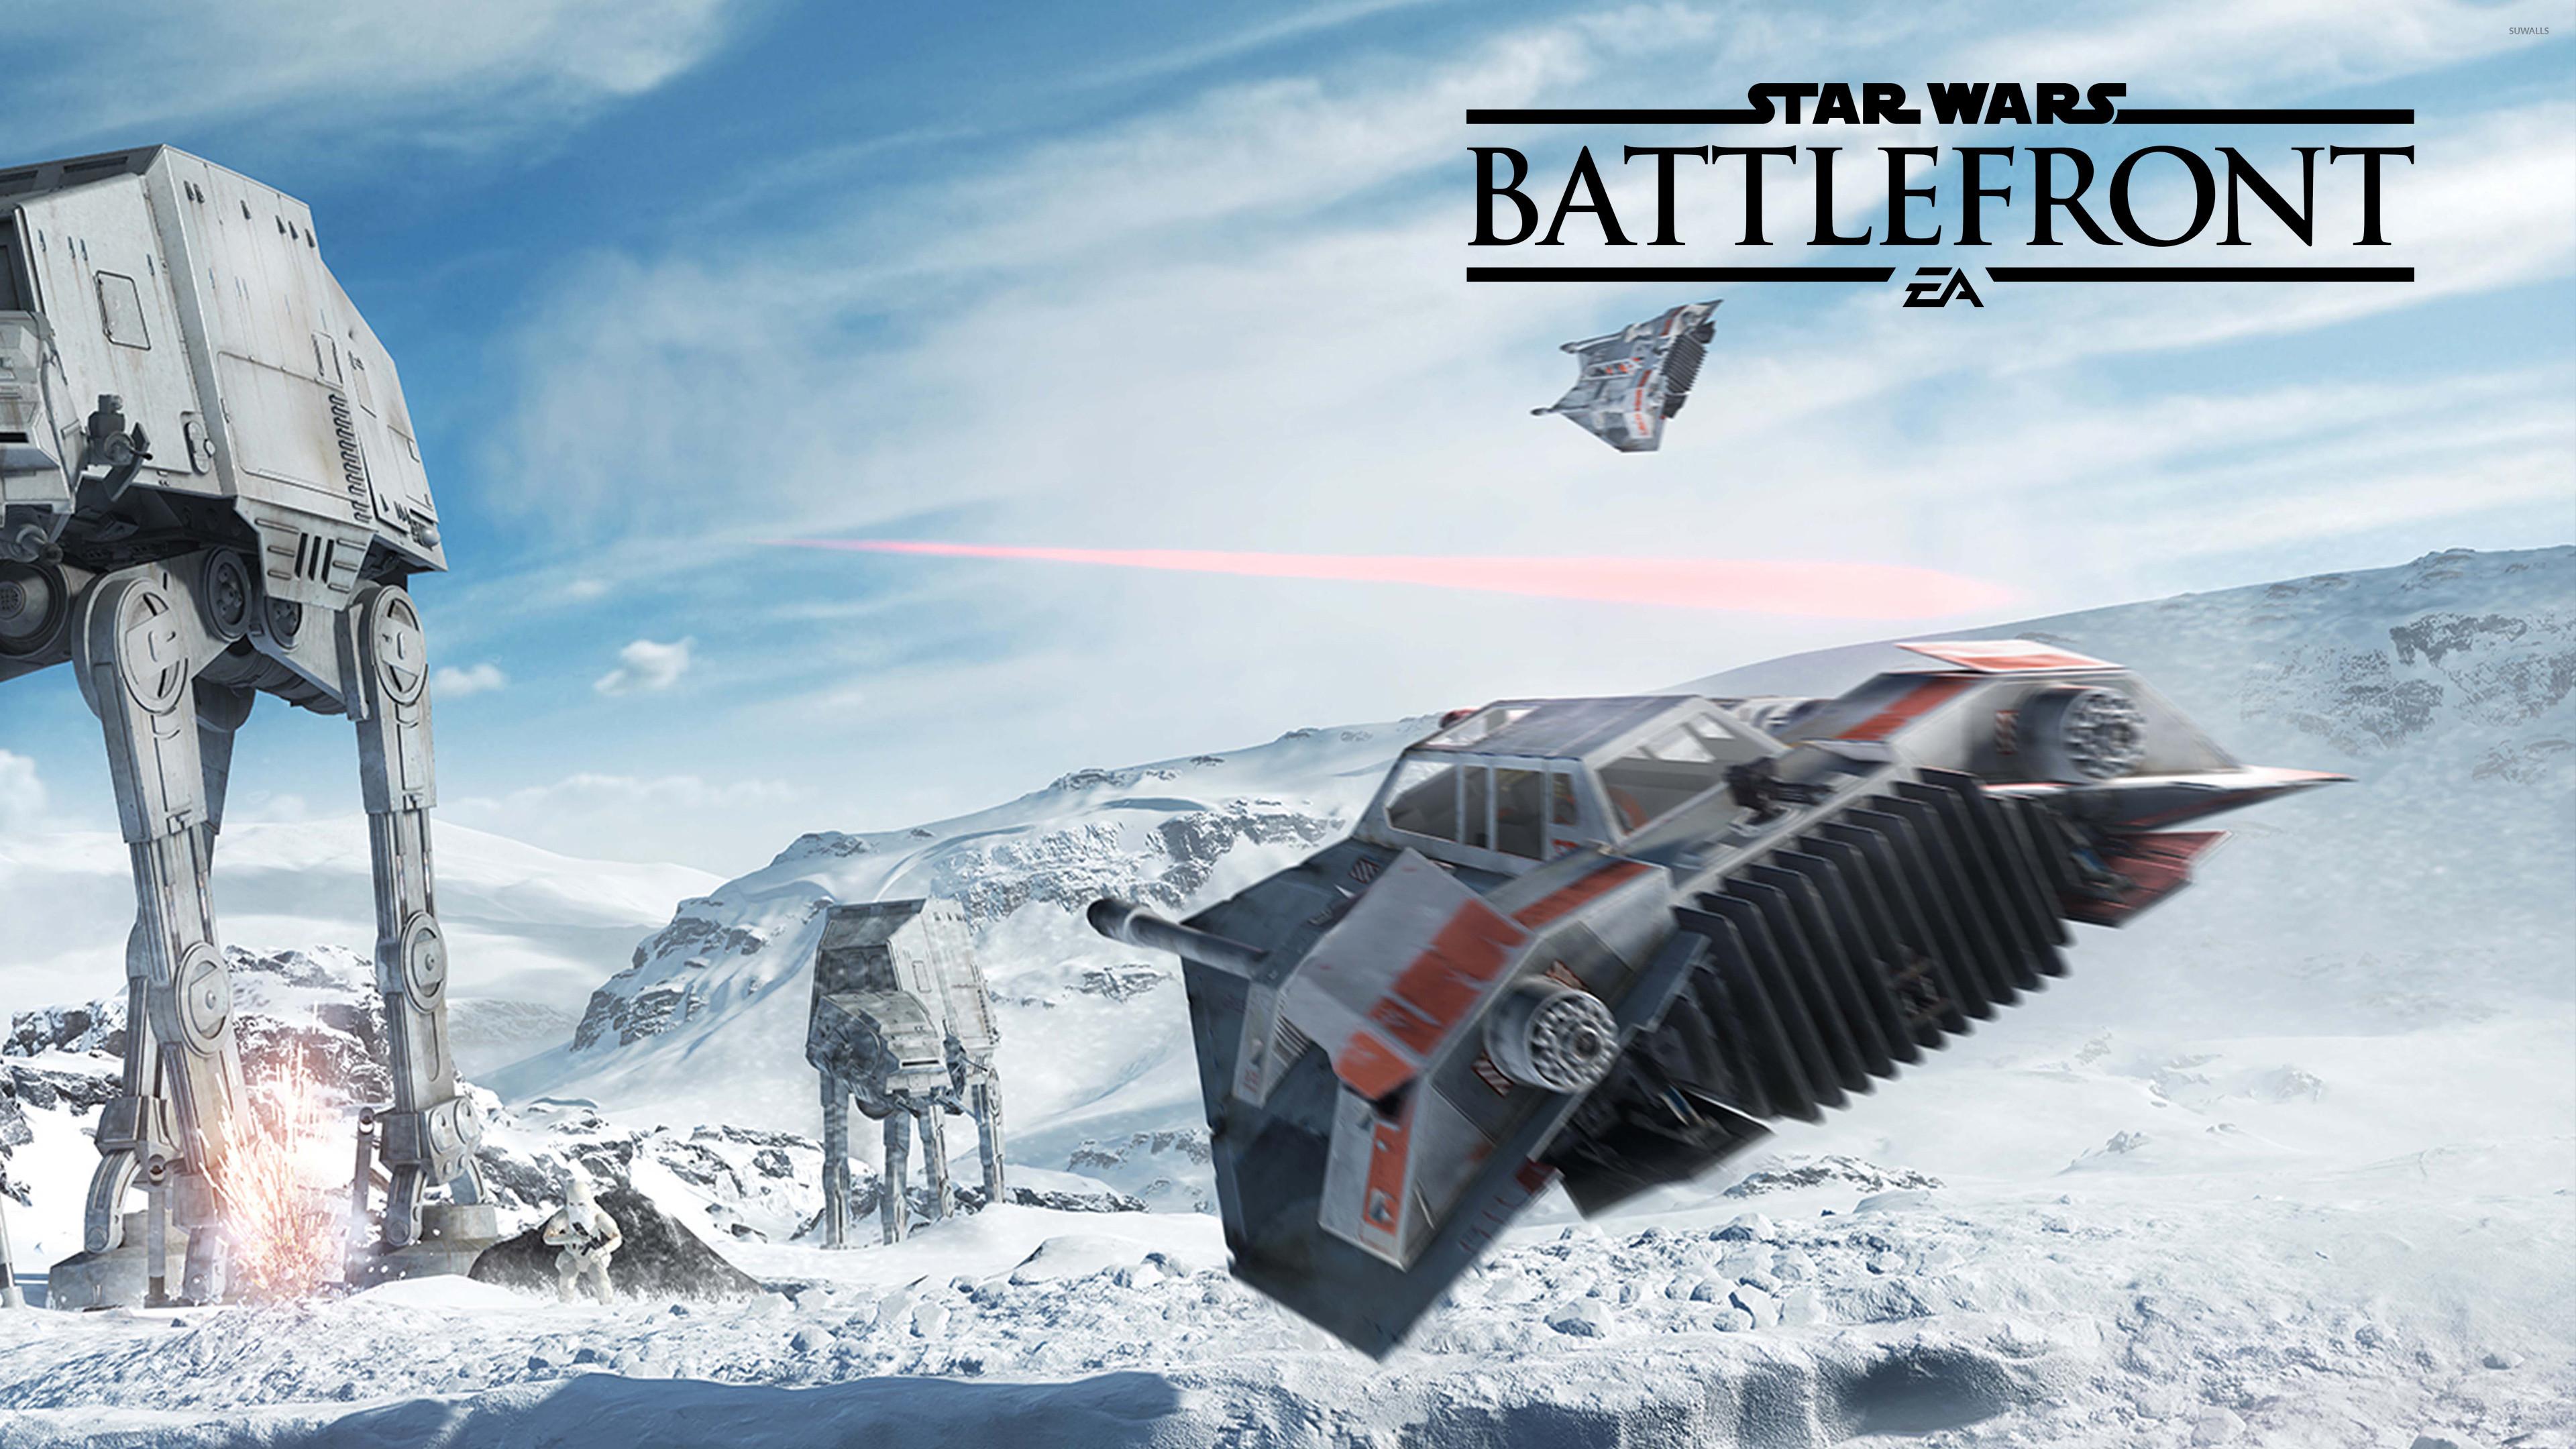 47 snowspeeder flying in Star Wars Battlefront wallpaper 1366×768